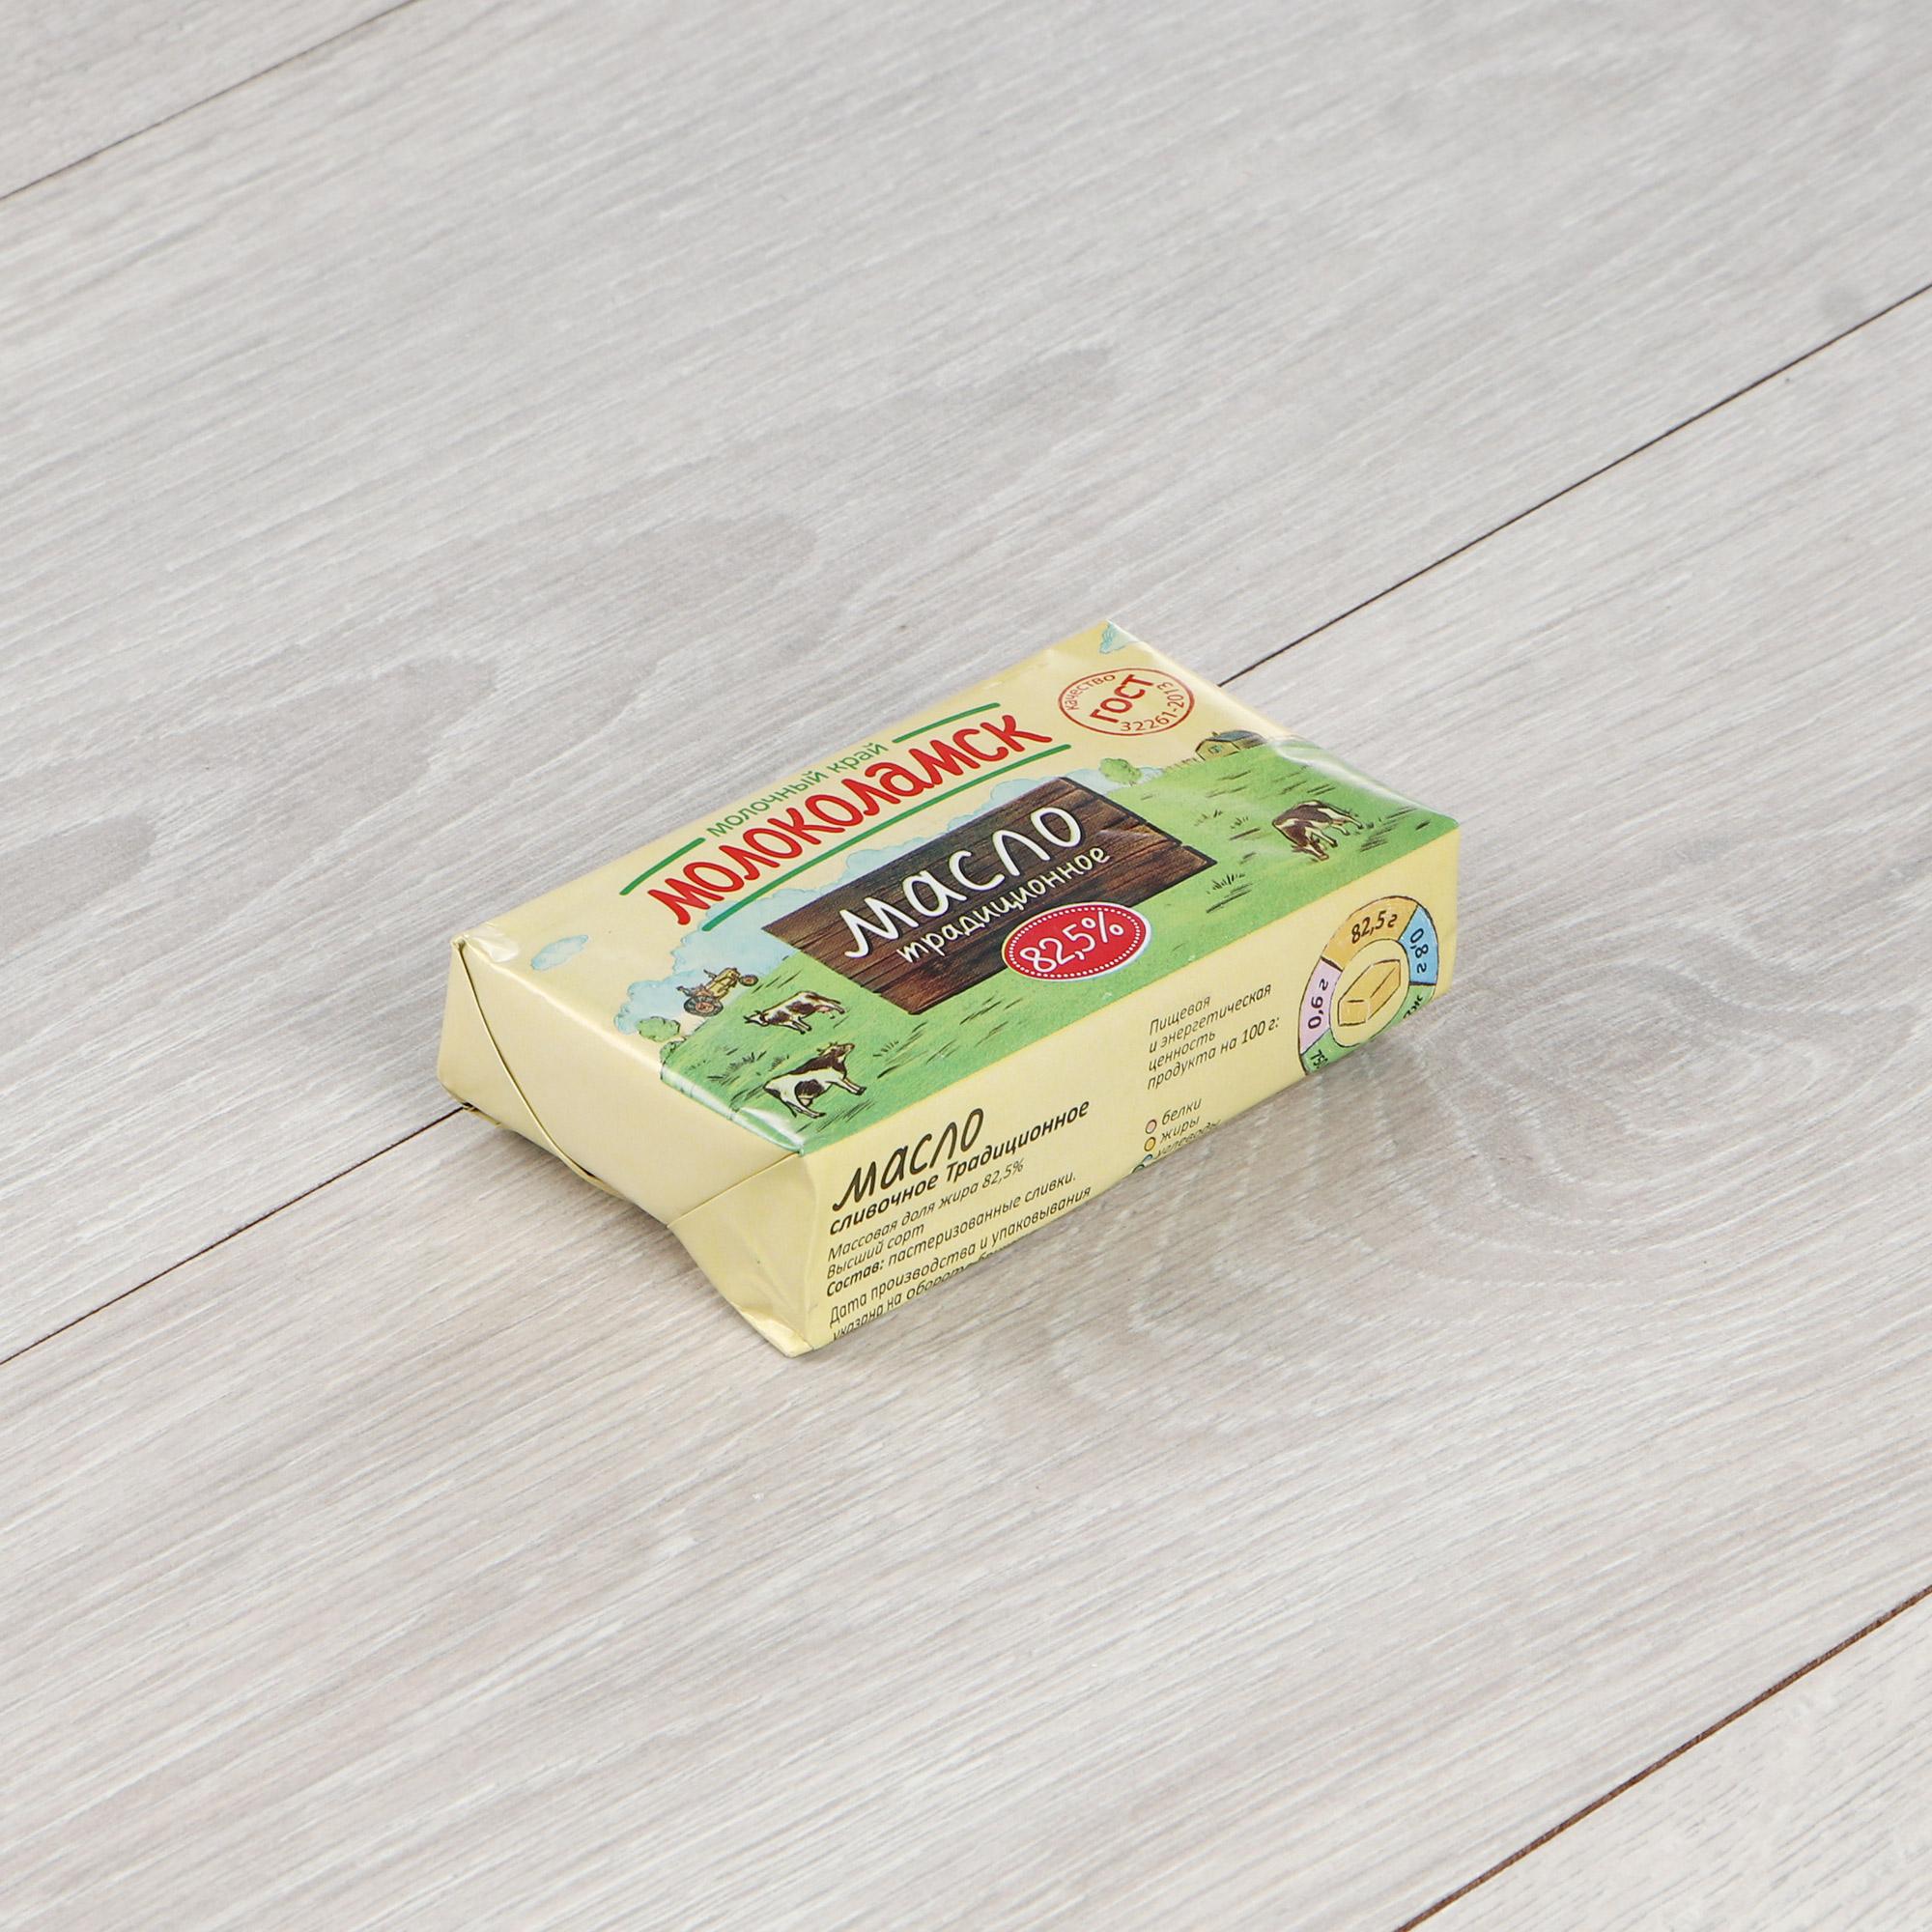 Фото - Масло сливочное Молоколамск 82,5% 180 г масло у палыча сливочное с травами прованса 62% 180 г